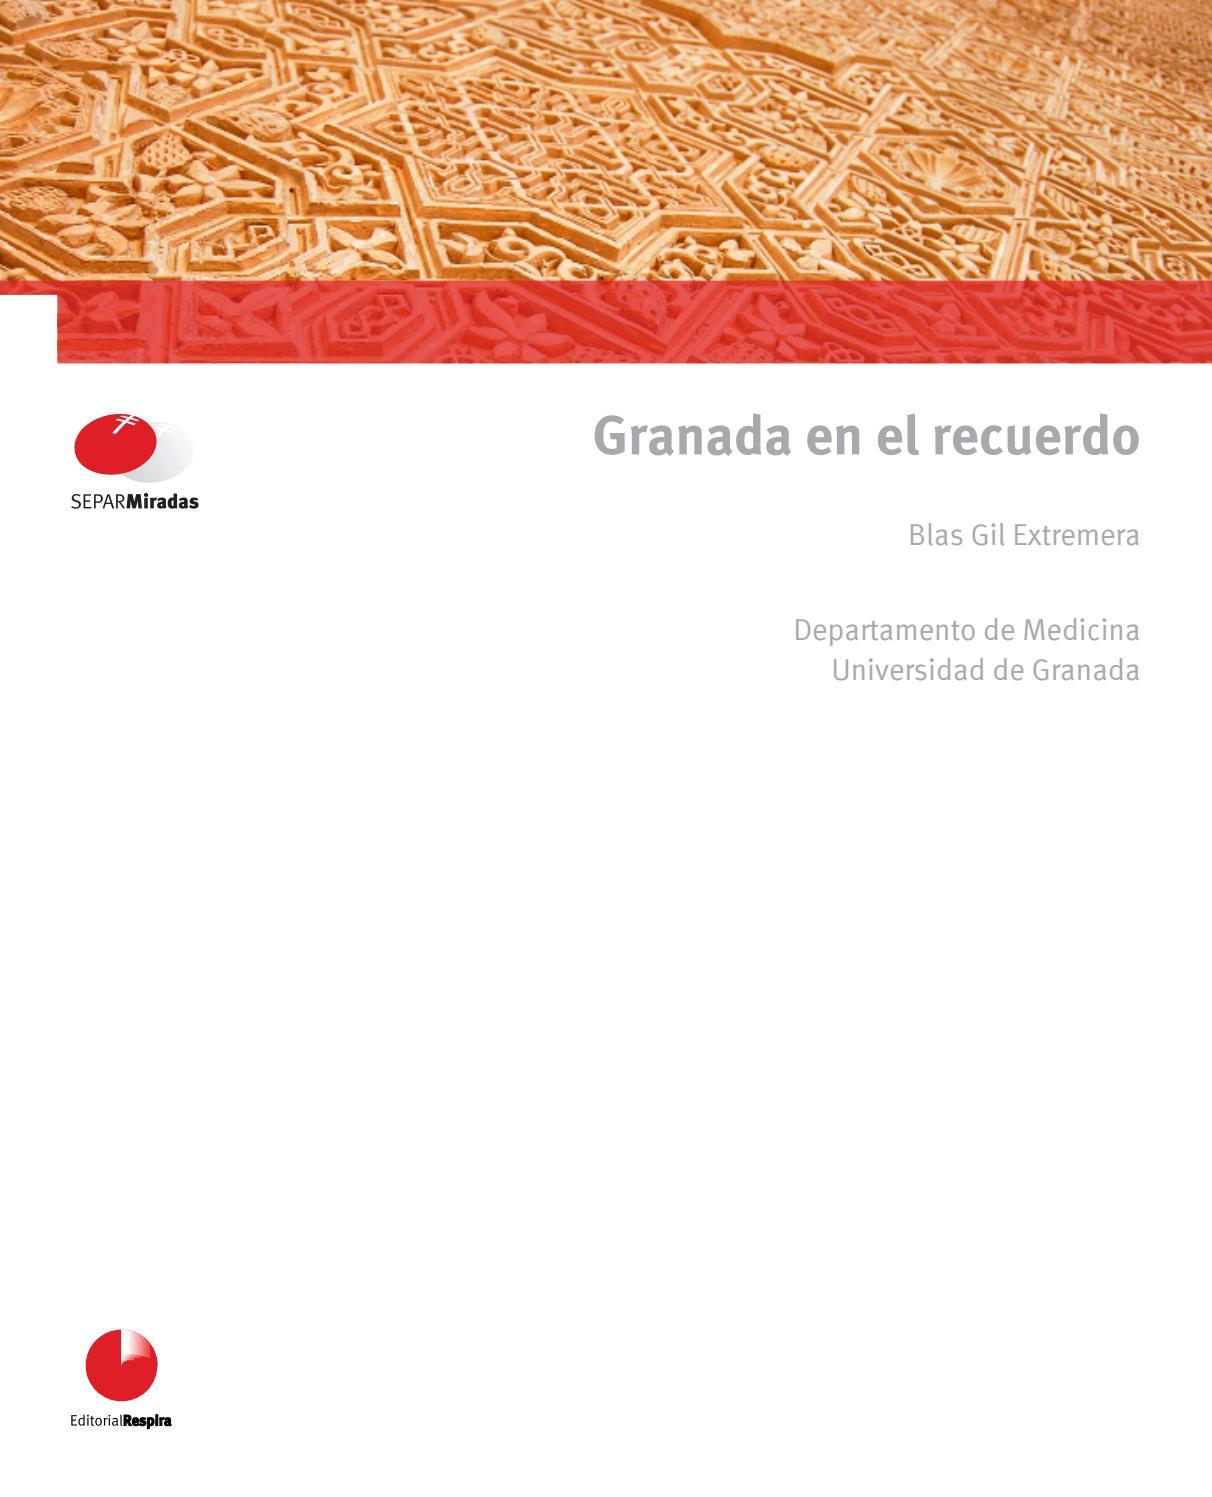 Granada en el recuerdo by SEPAR - issuu